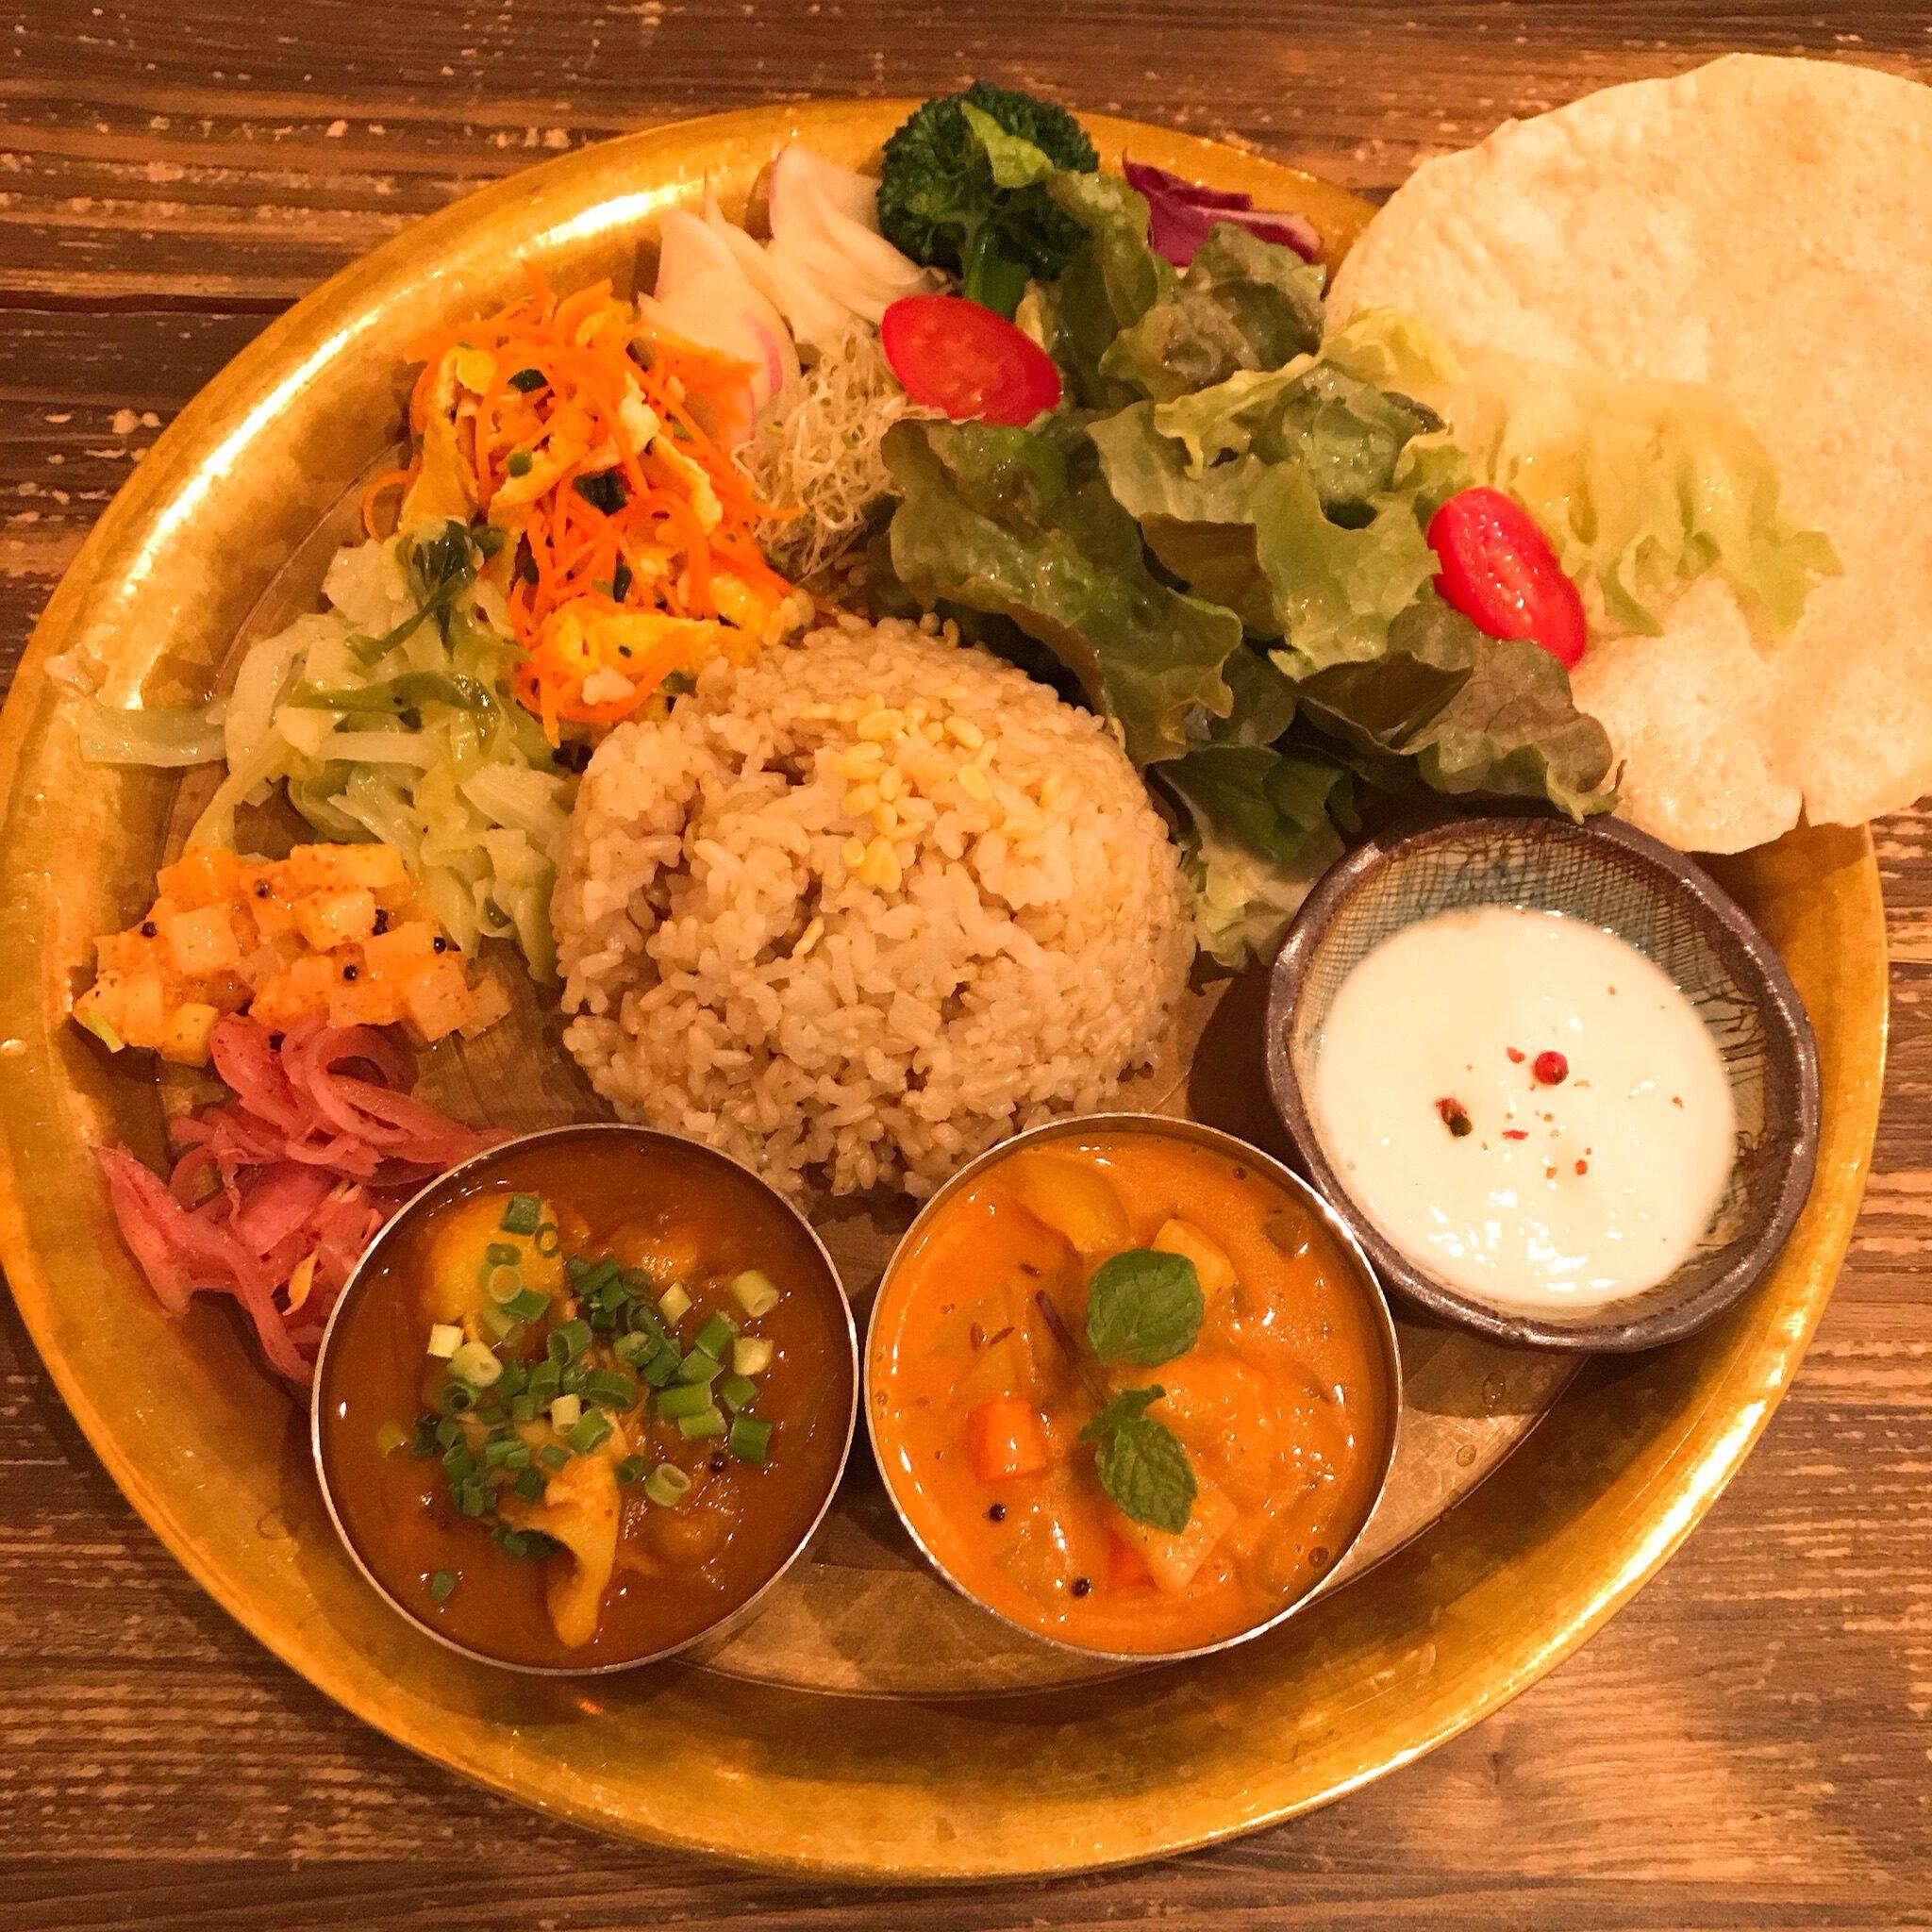 メウノータ、カレー、米、野菜